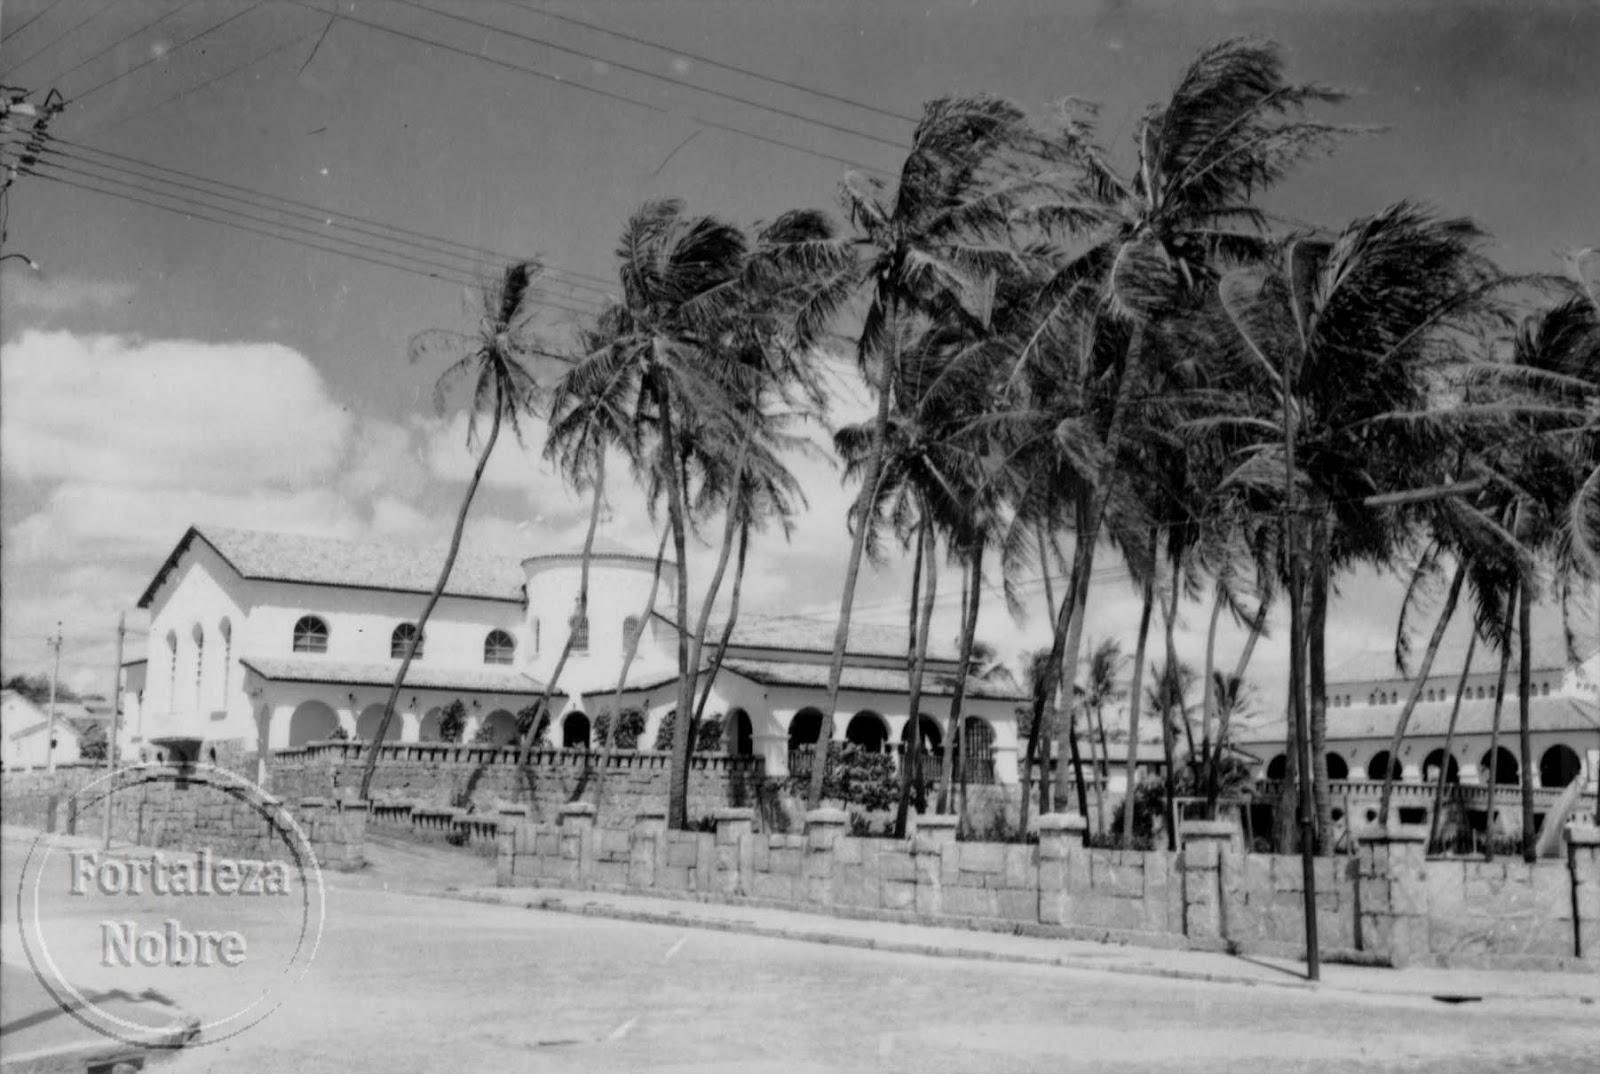 #646269 Fortaleza Nobre Resgatando a Fortaleza antiga : Avenida Monsenhor  126 Janelas De Vidro Fortaleza